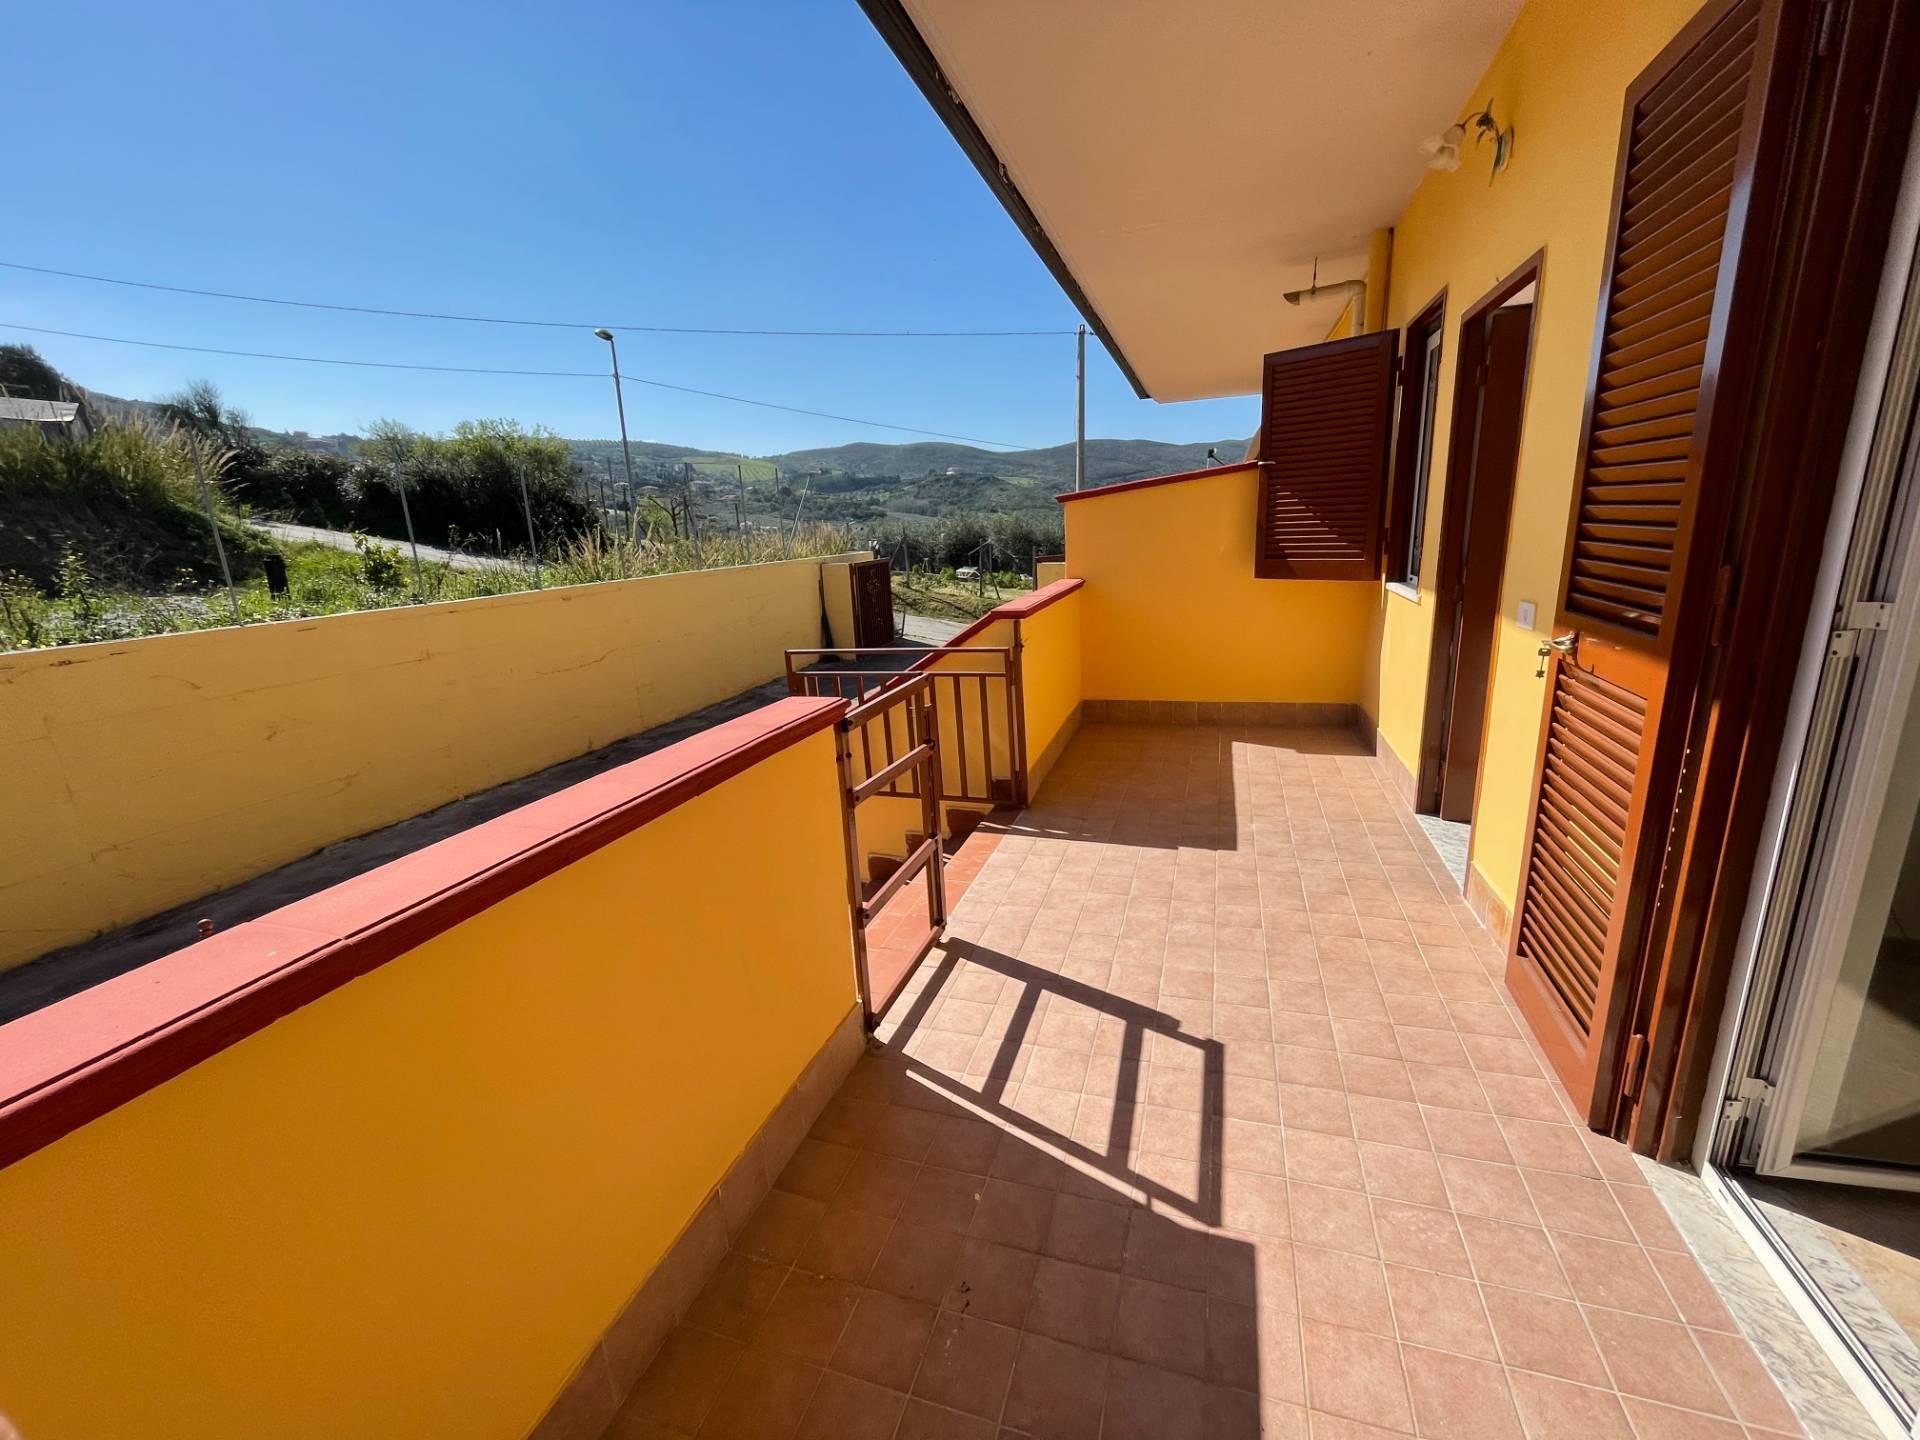 Appartamento in vendita a Agropoli, 3 locali, prezzo € 78.000 | CambioCasa.it